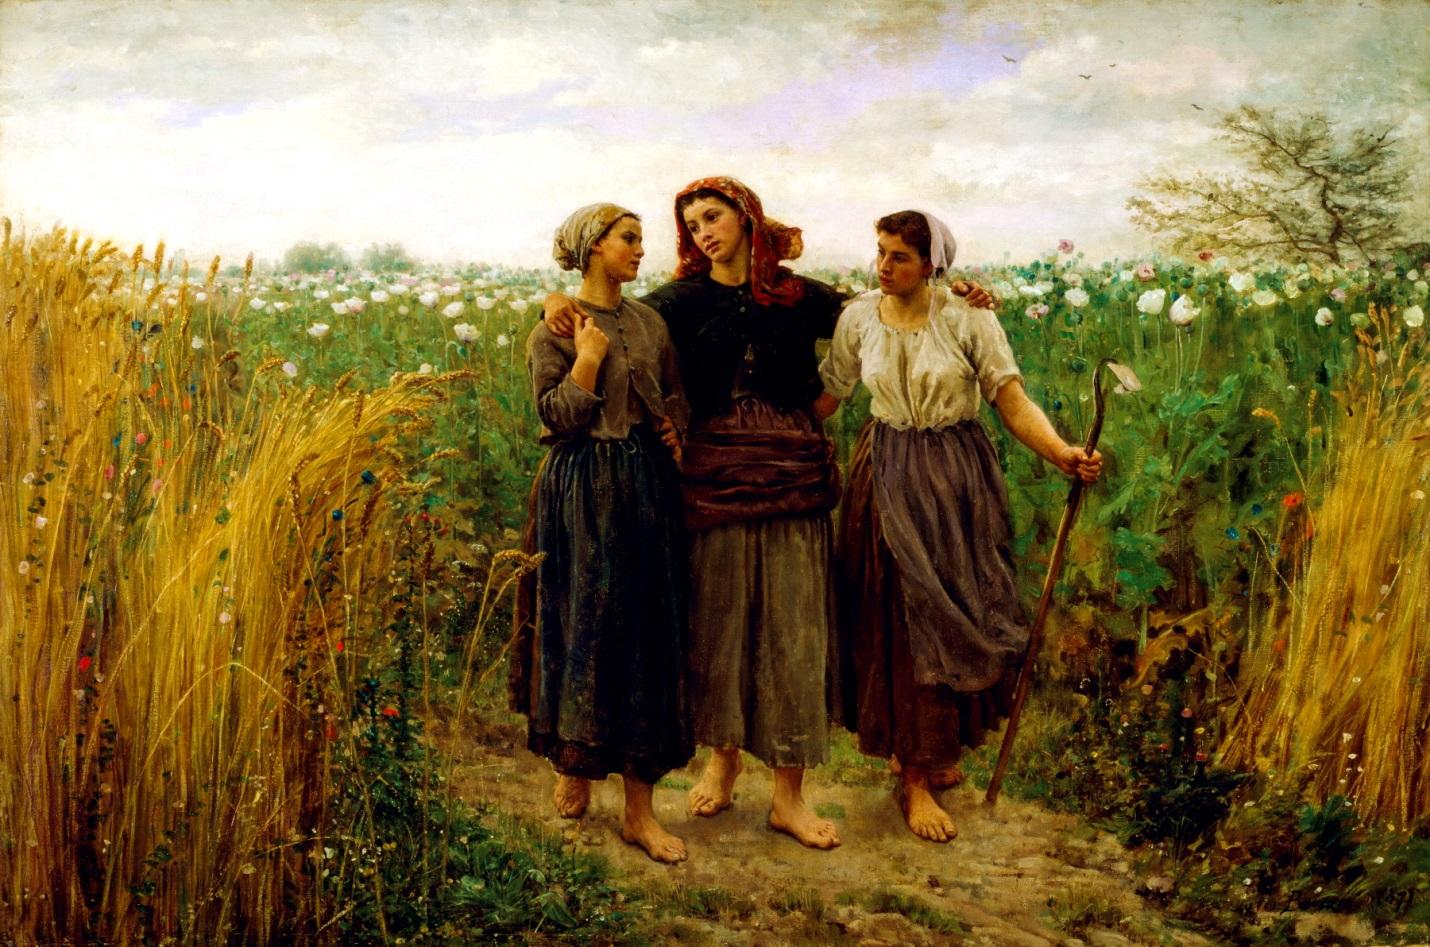 http://cp14.nevsepic.com.ua/220/21997/1396118017-jules-adolphe-breton-vozvraschayas-s-polya-1871.jpg